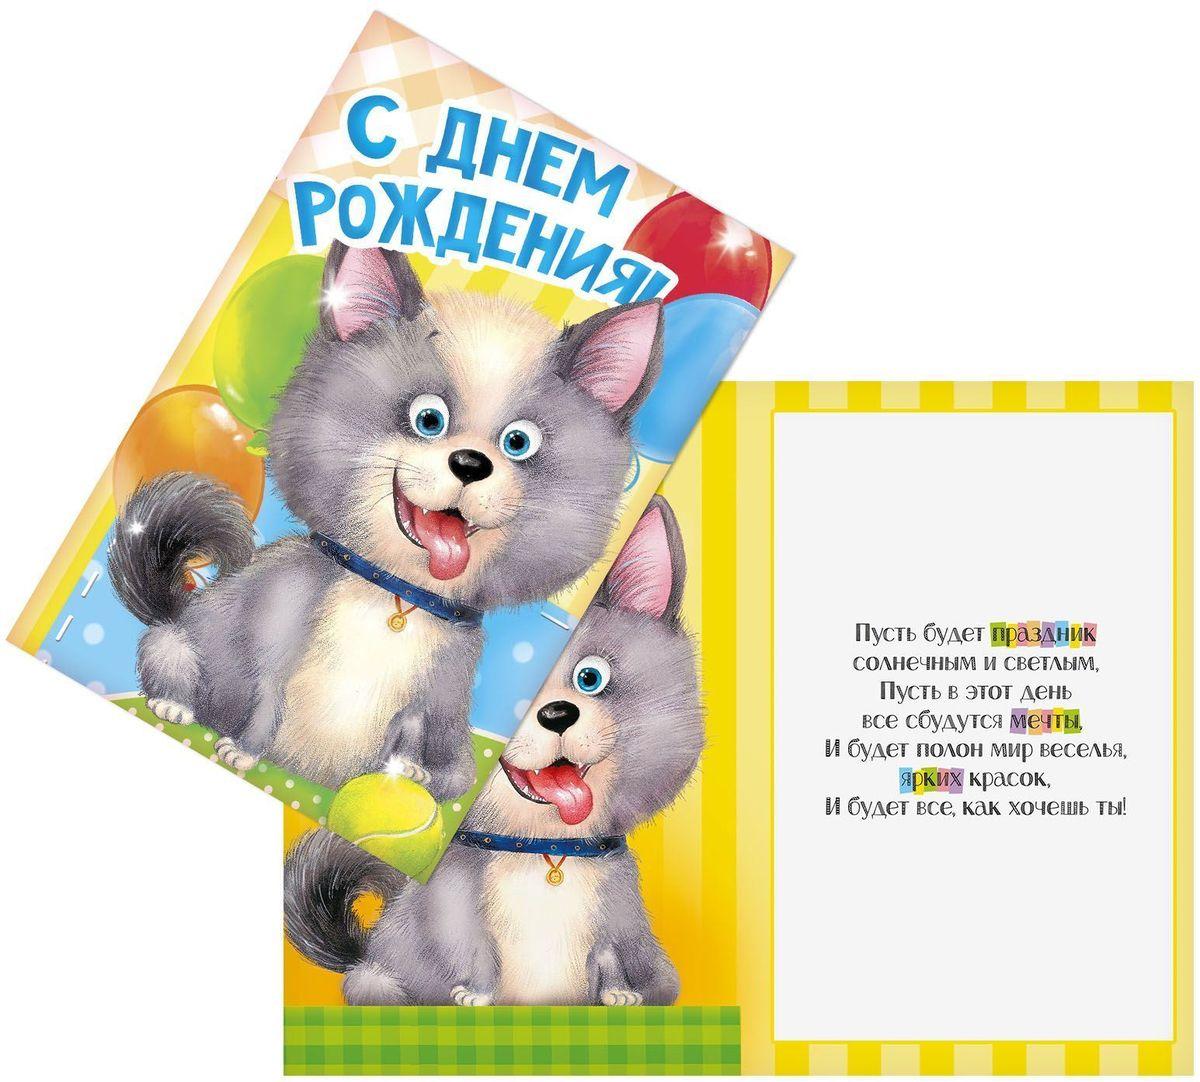 Открытка Дарите cчастье С Днем Рождения. Пушистый песик, 12 х 18 см1818891Выразить свои чувства и дополнить основной подарок тёплыми словами вам поможет открытка С Днем Рождения. Пушистый песик.